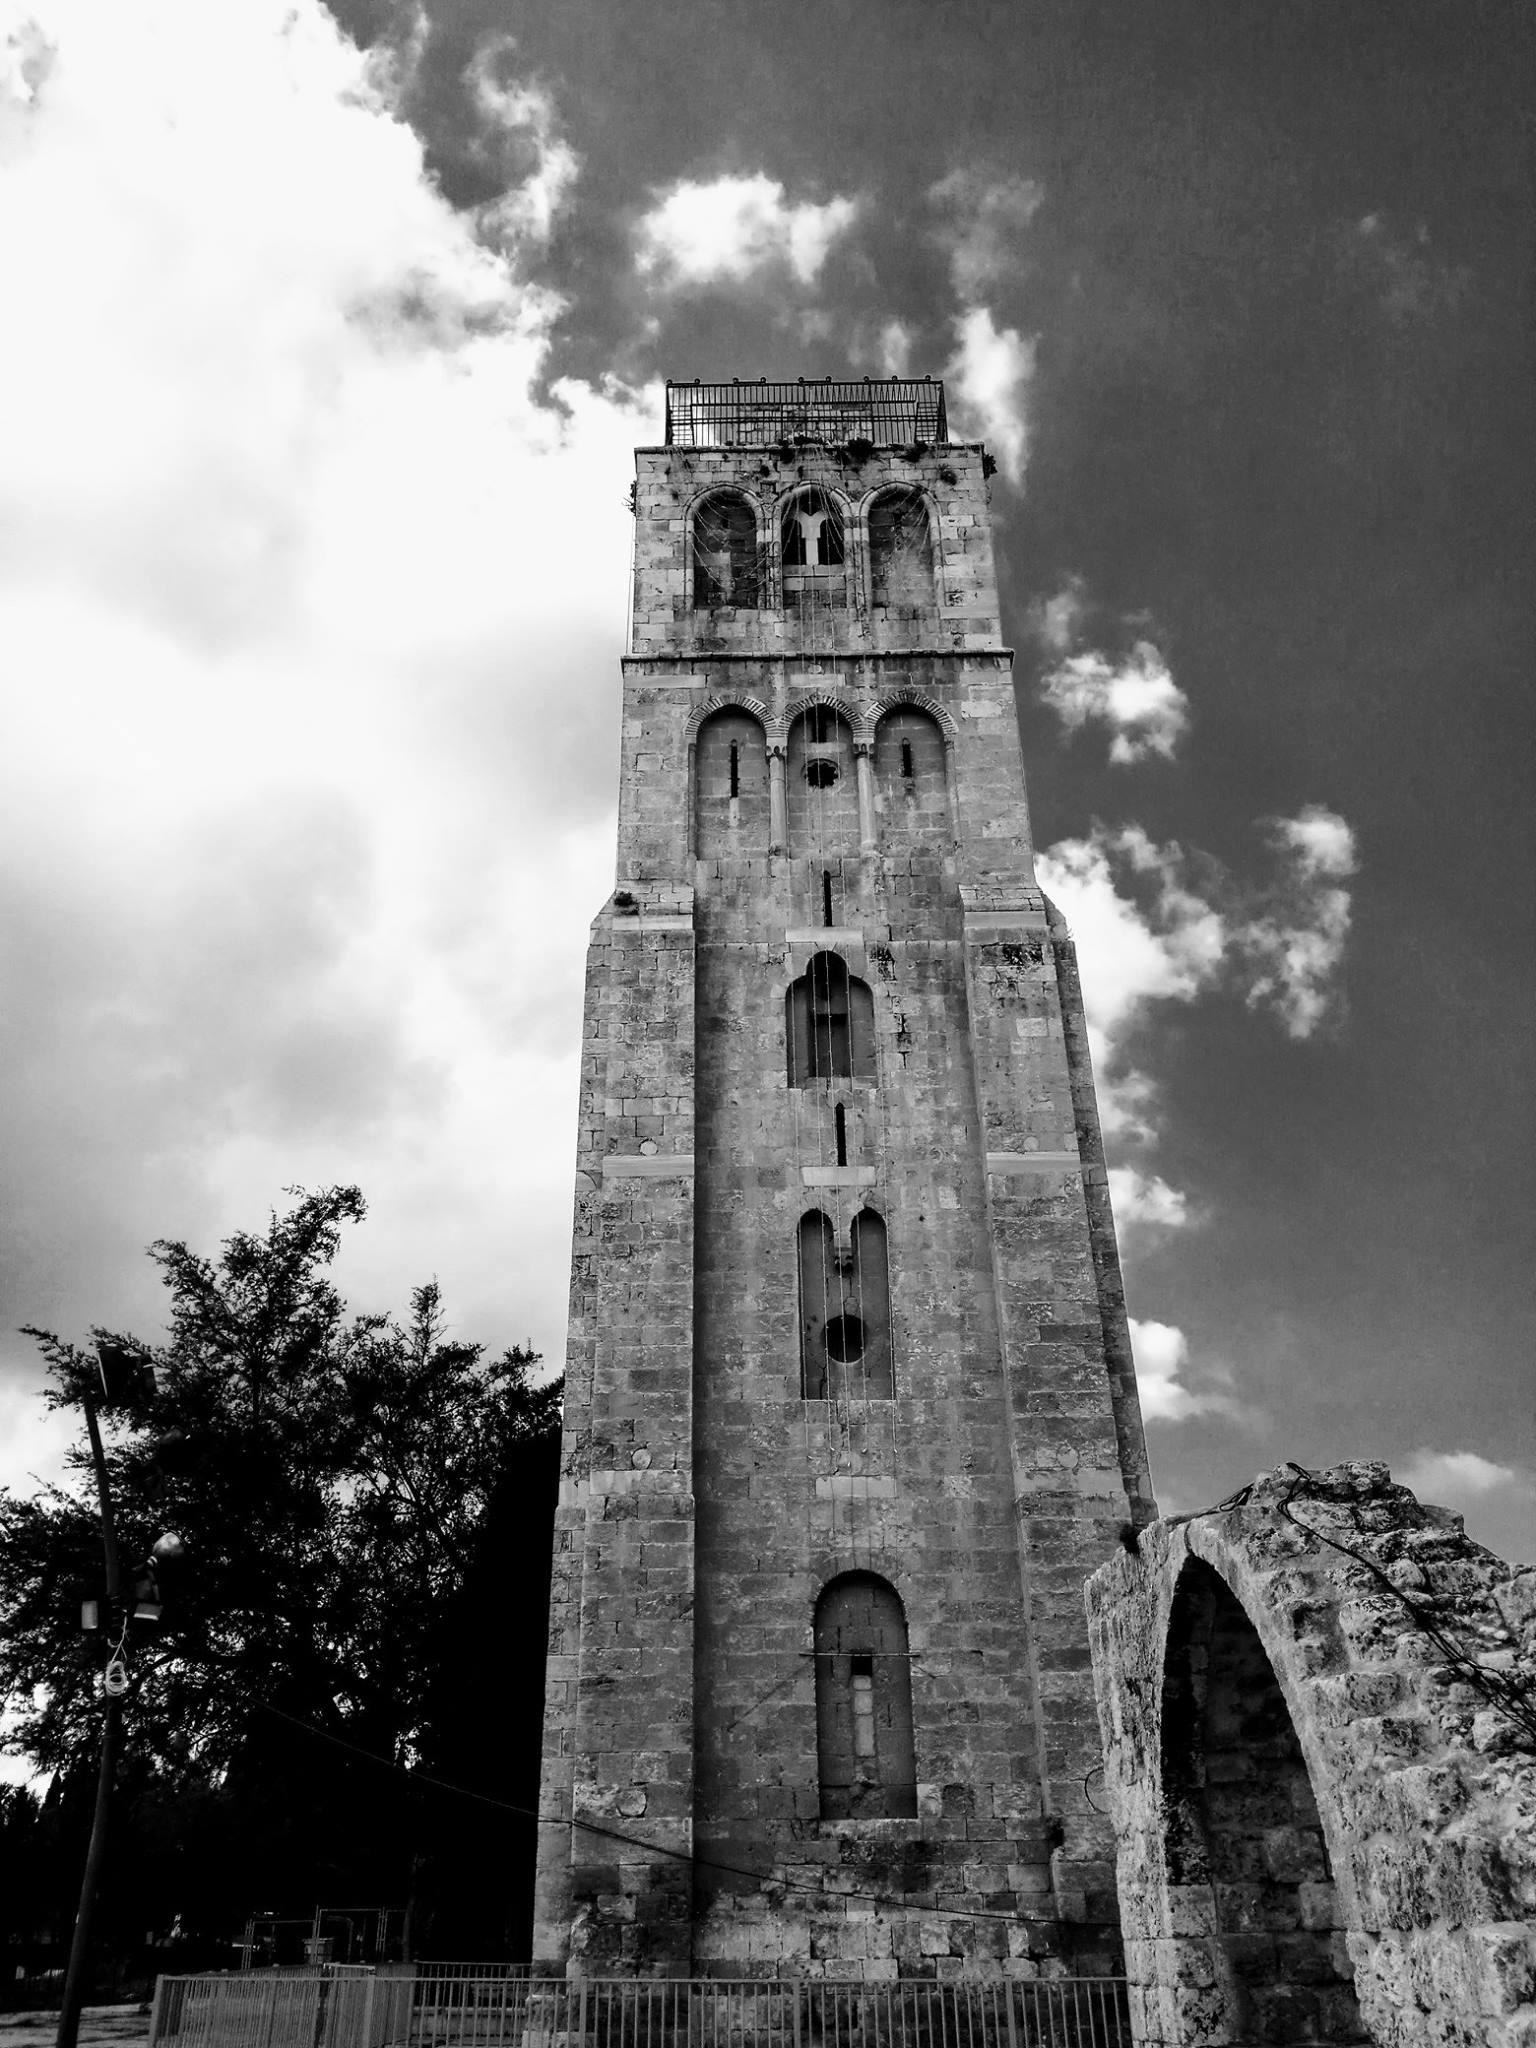 המגדל ה(שחור) לבן ברמלה. צילום: Green Lady